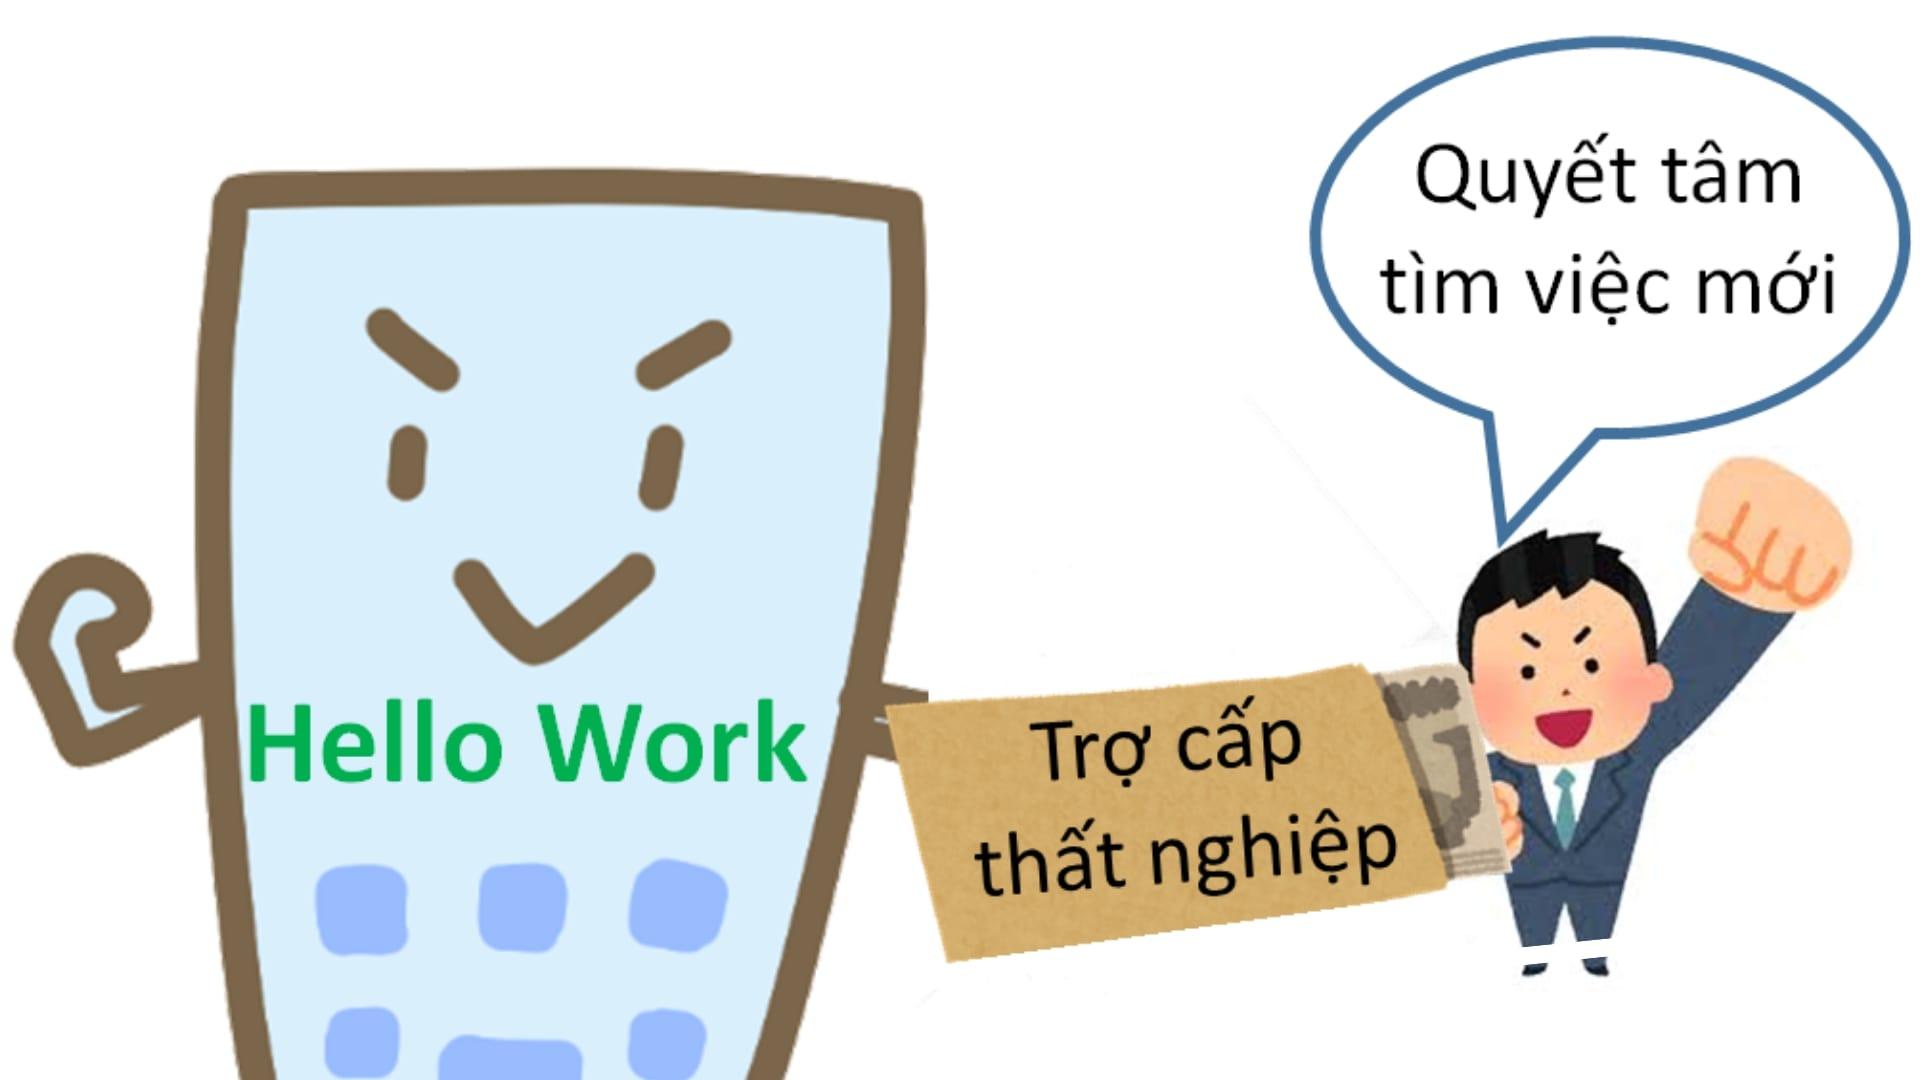 Trợ cấp thất nghiệp ở Nhật – kỹ sư đi Nhật đã biết chưa?